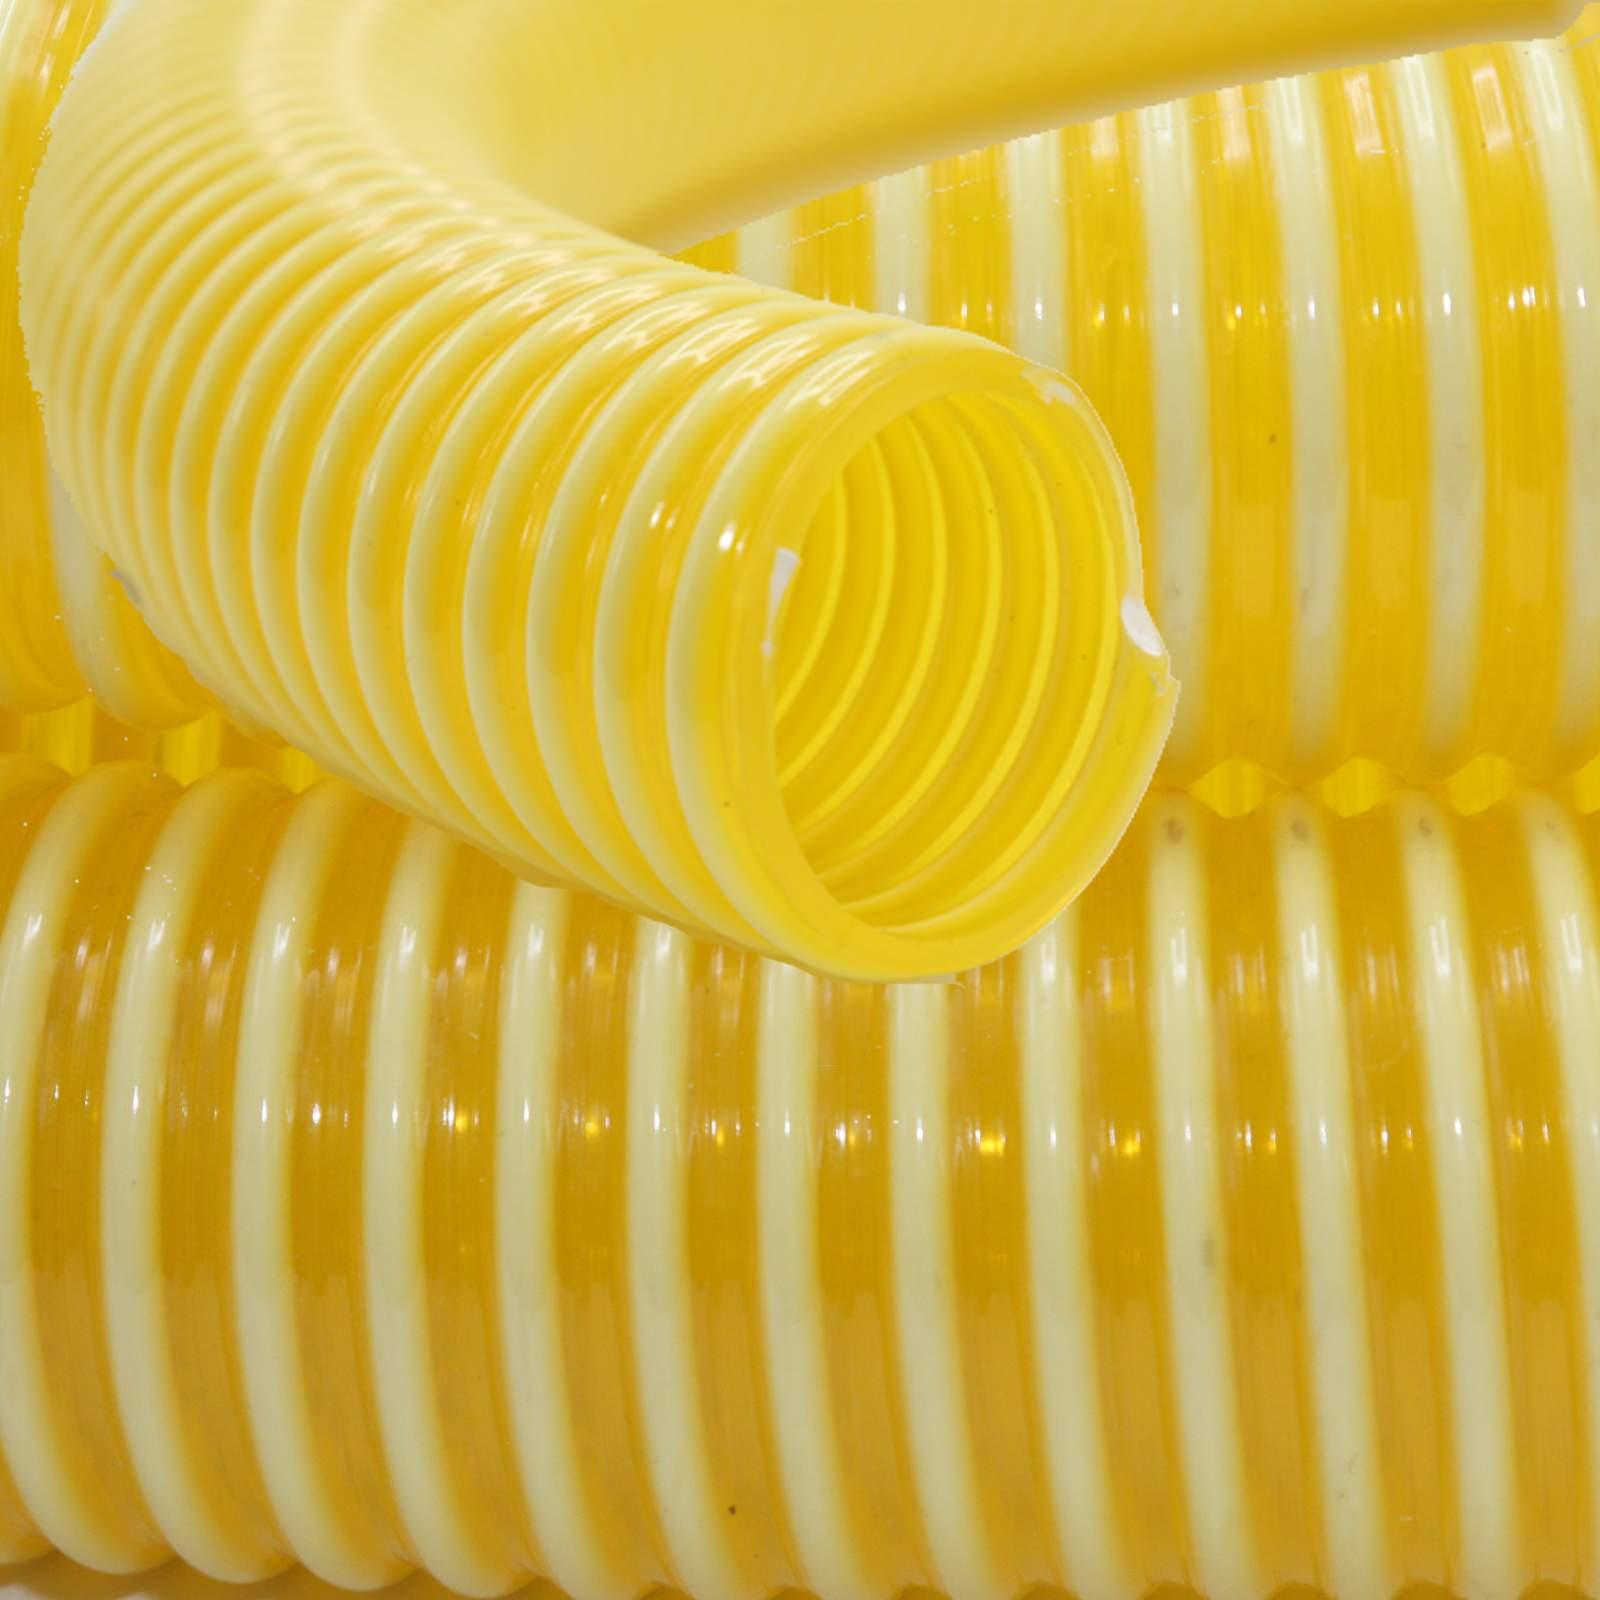 saugschlauch spiralschlauch forderschlauch pumpenschlauch o fl ga